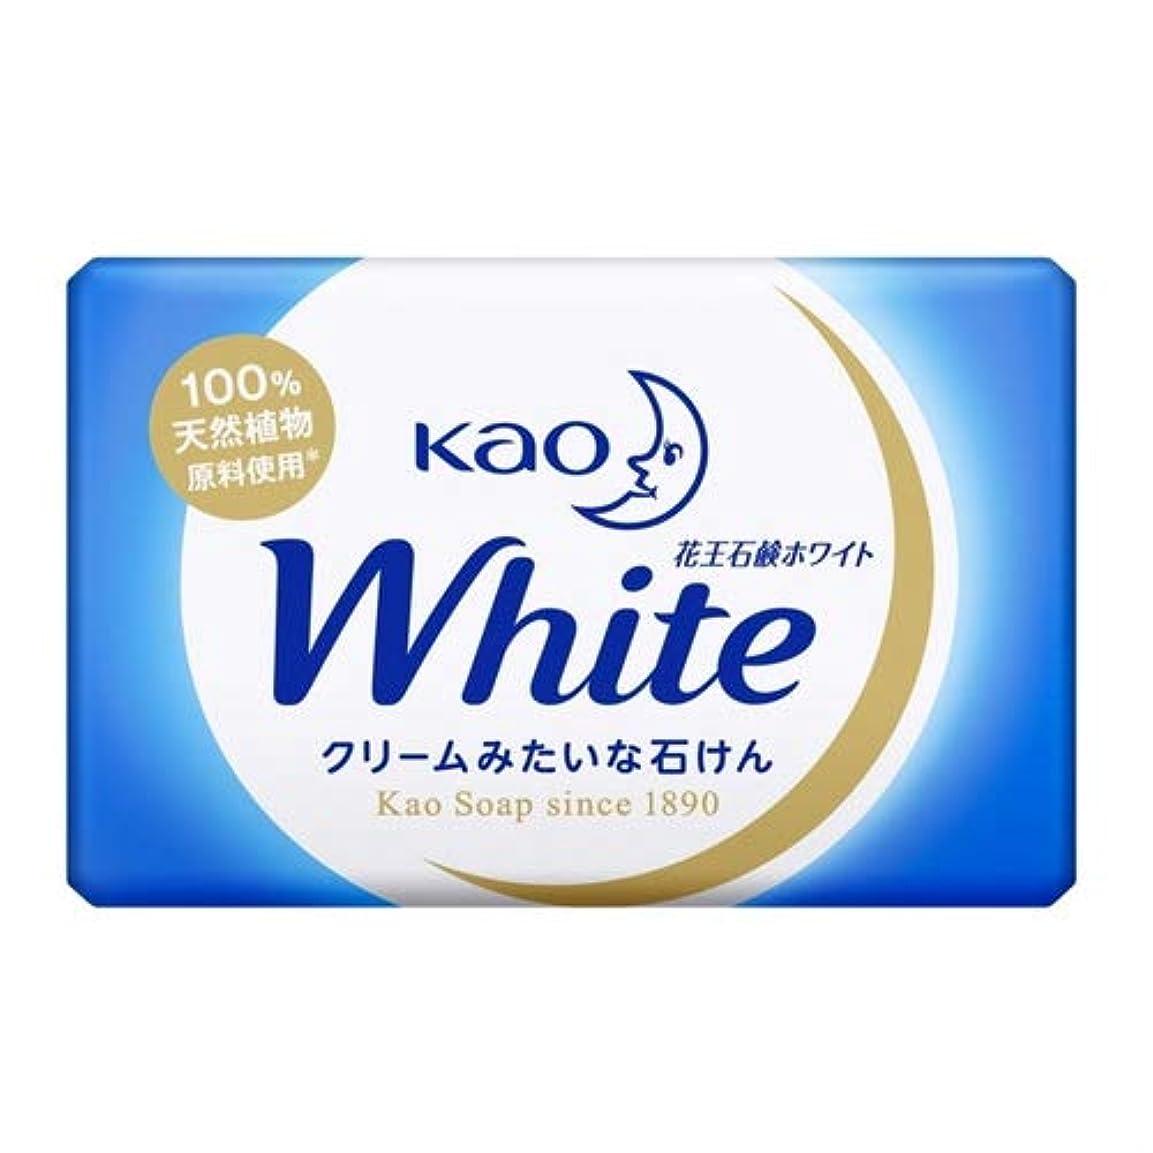 哲学博士補う芸術花王石鹸ホワイト 業務用ミニサイズ 15g × 200個セット